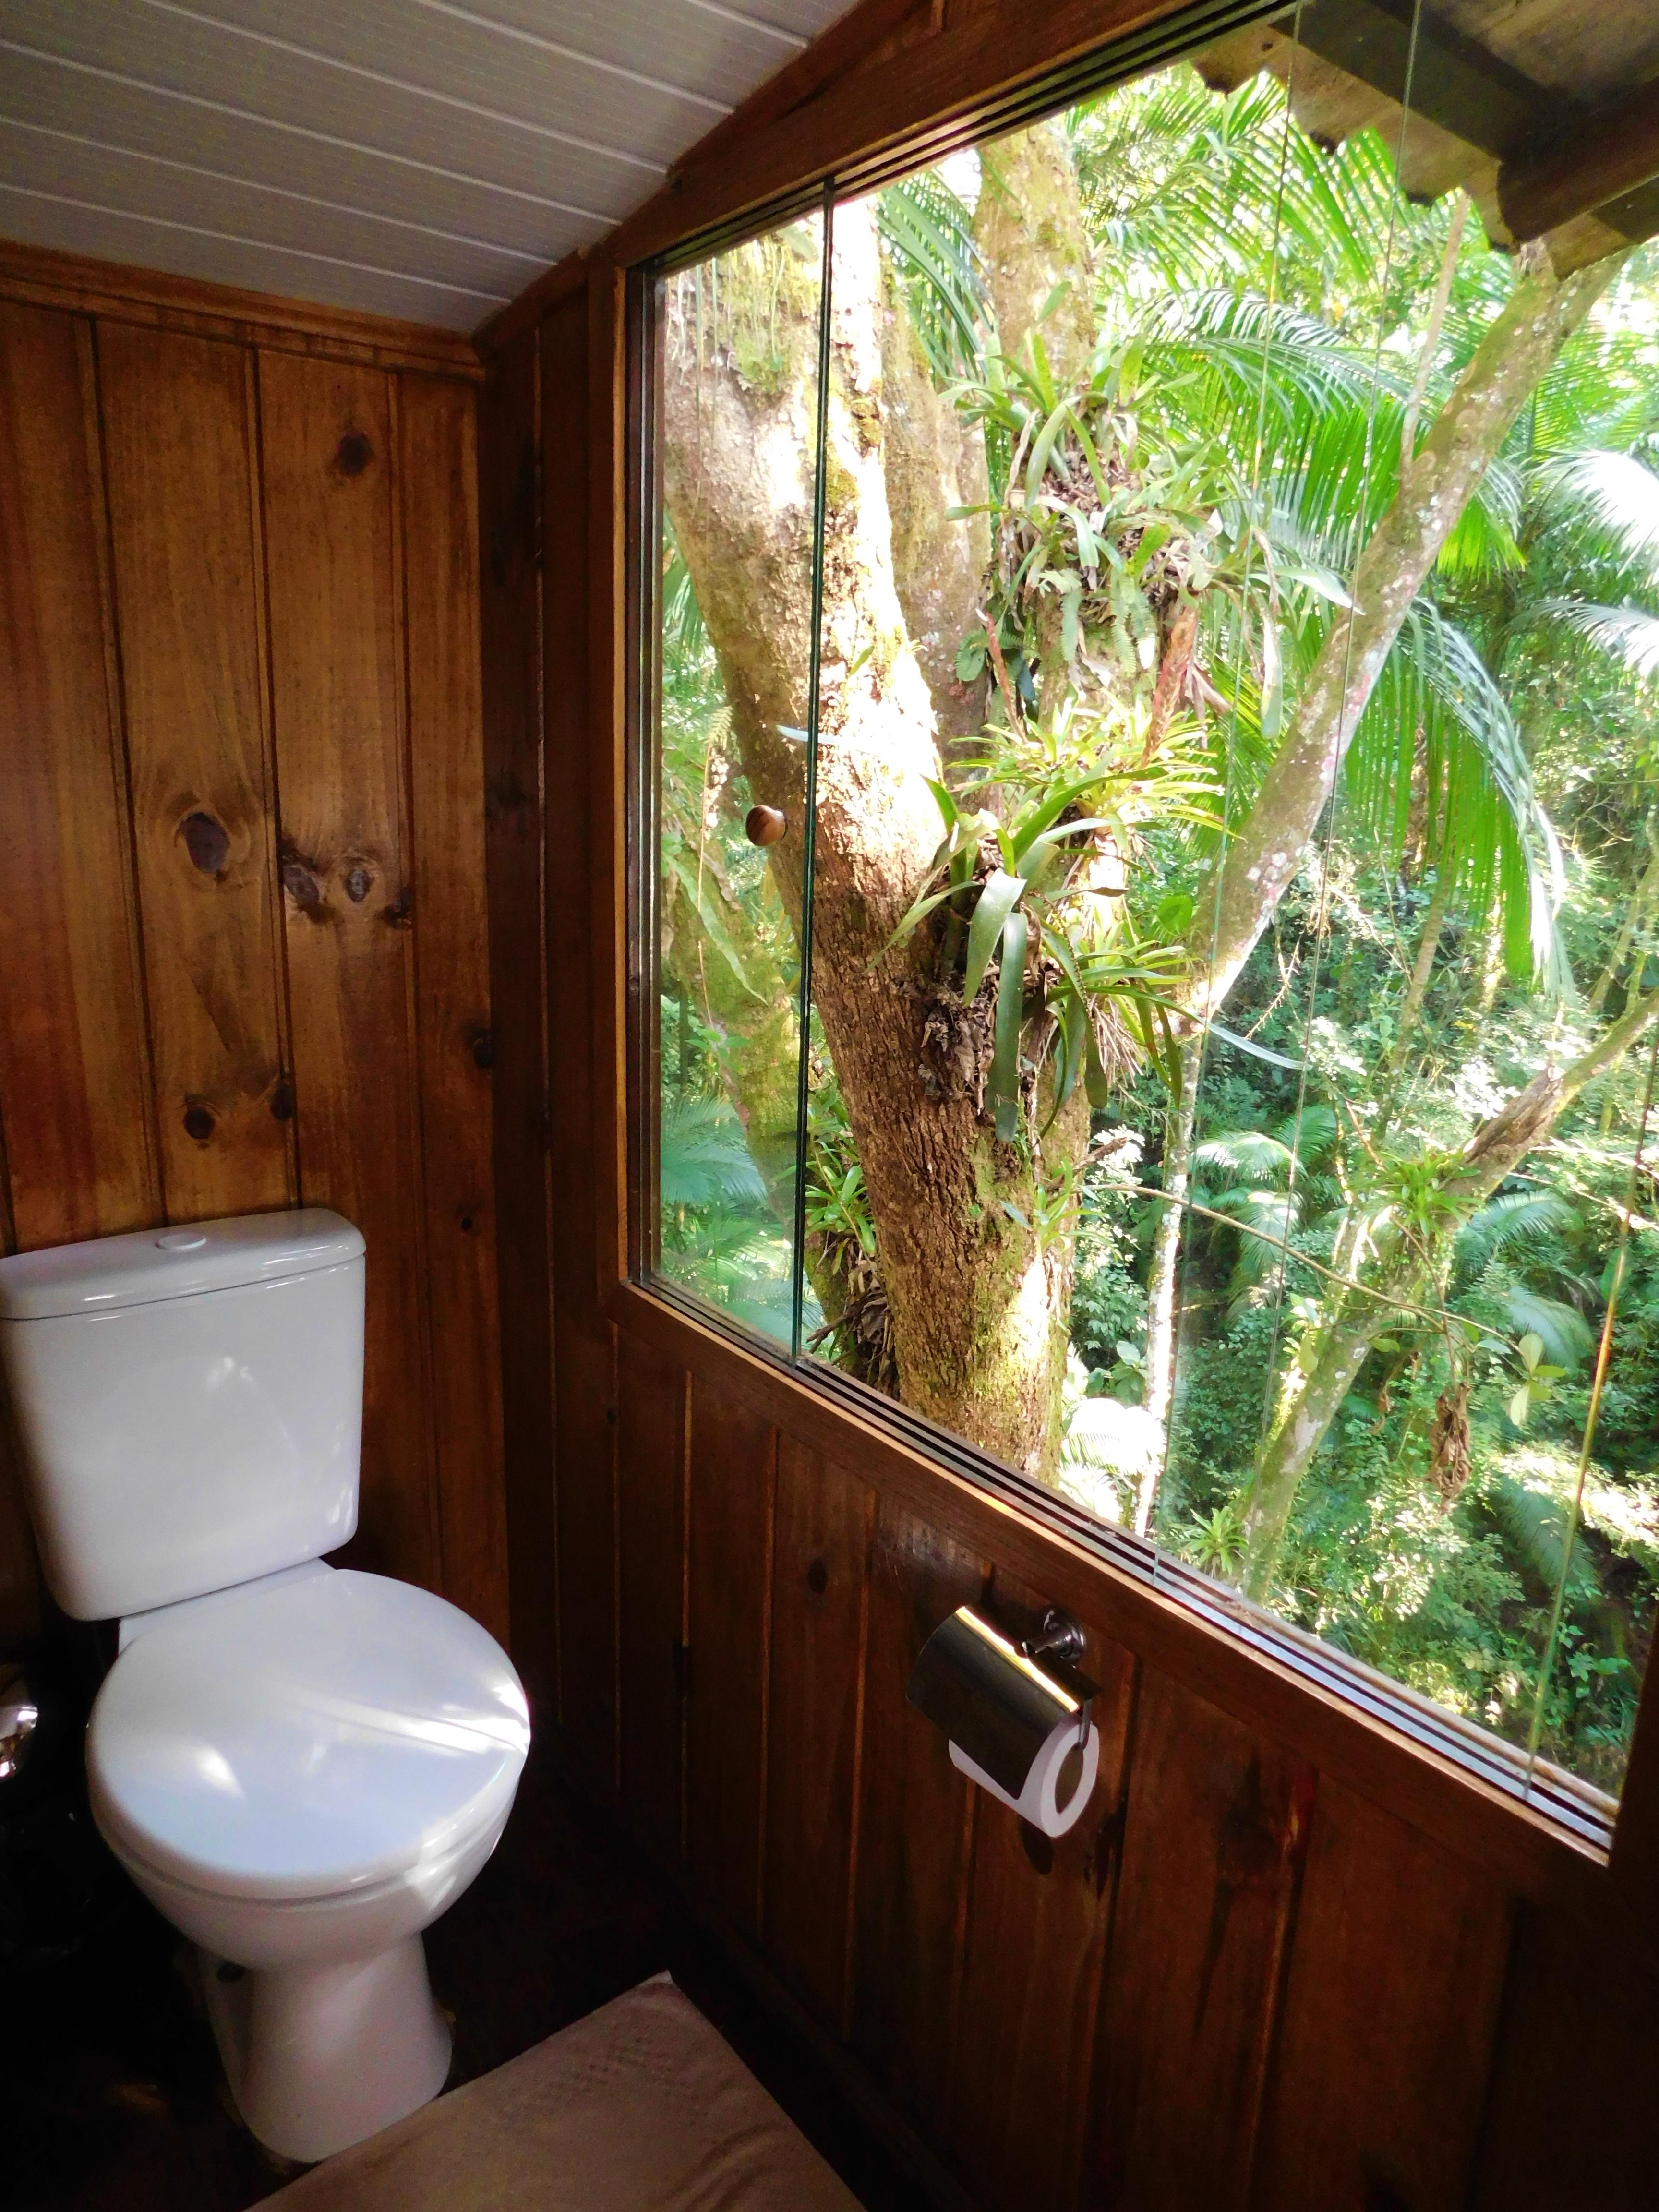 banheiro compartilhado com uma bela vist